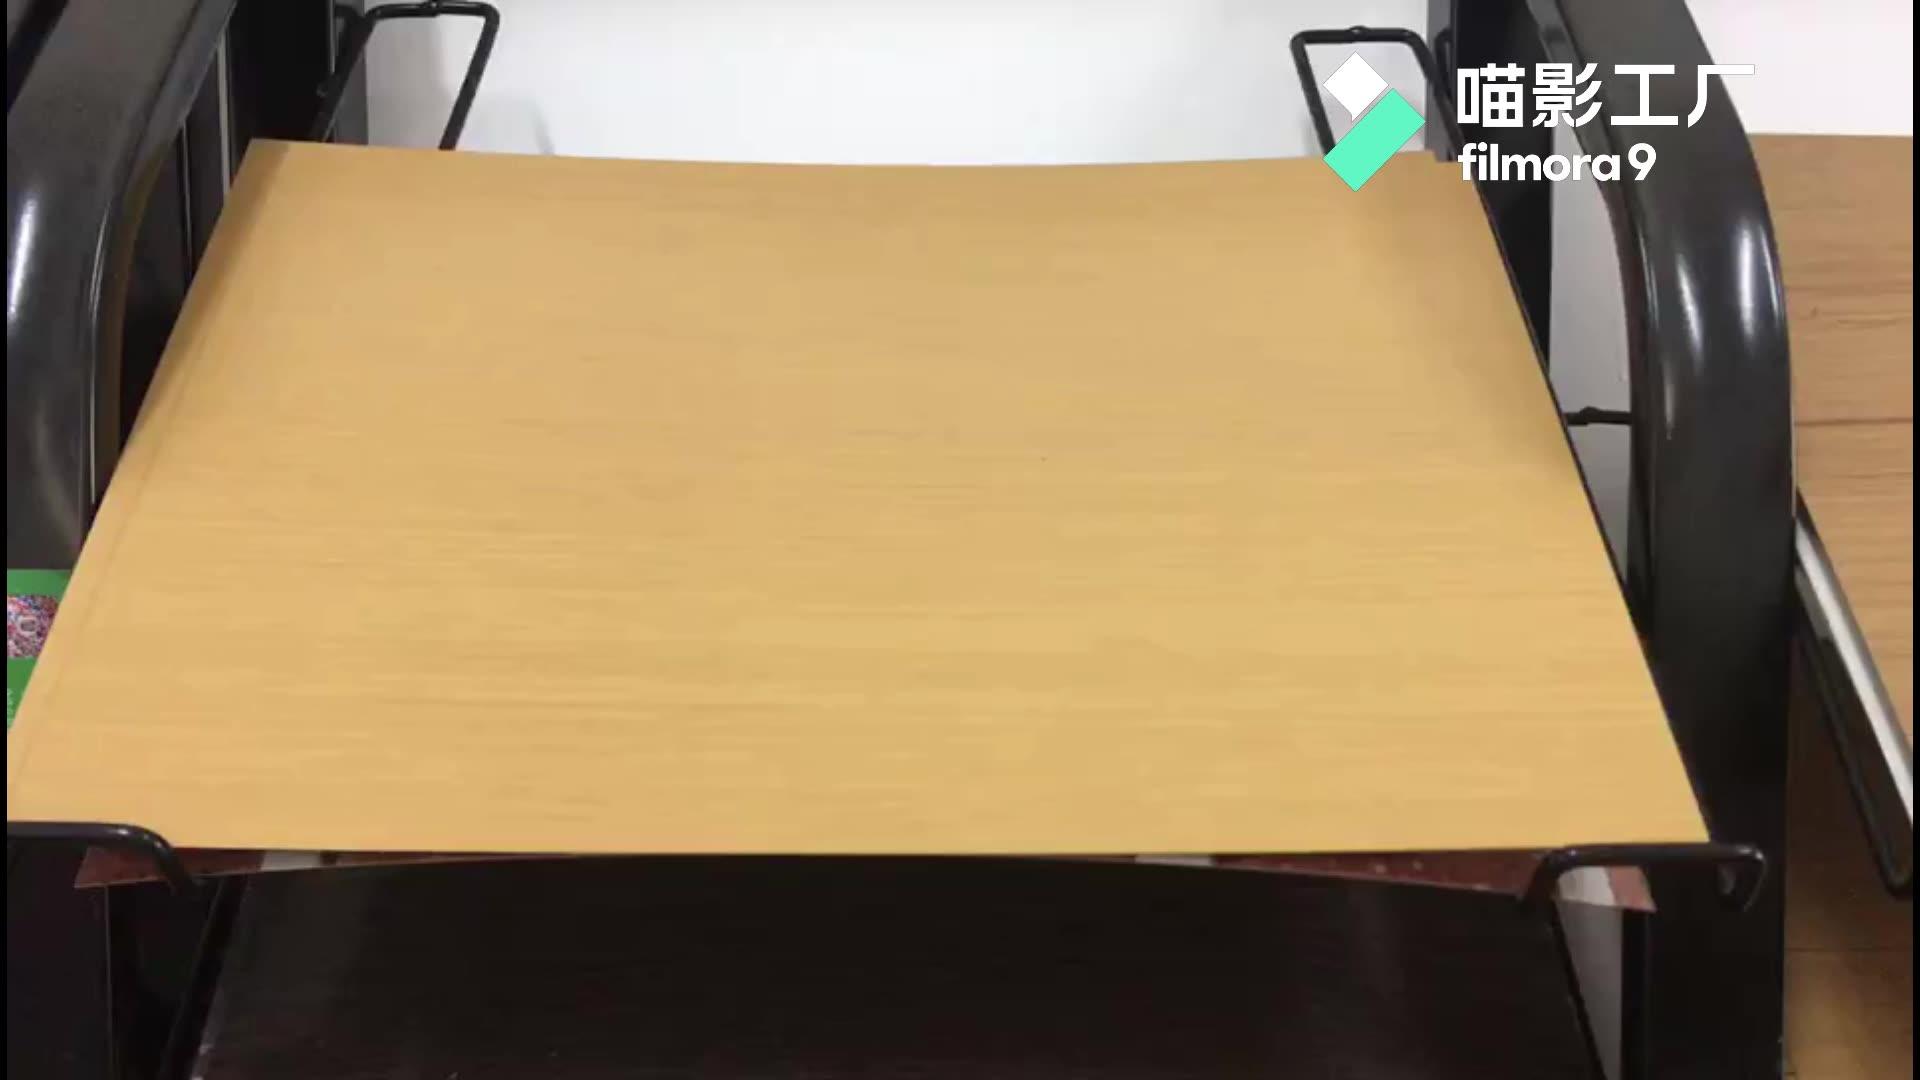 באיכות גבוהה בצבע עץ בצבע עץ מודפס גיליון קירוי מתכת גיליון